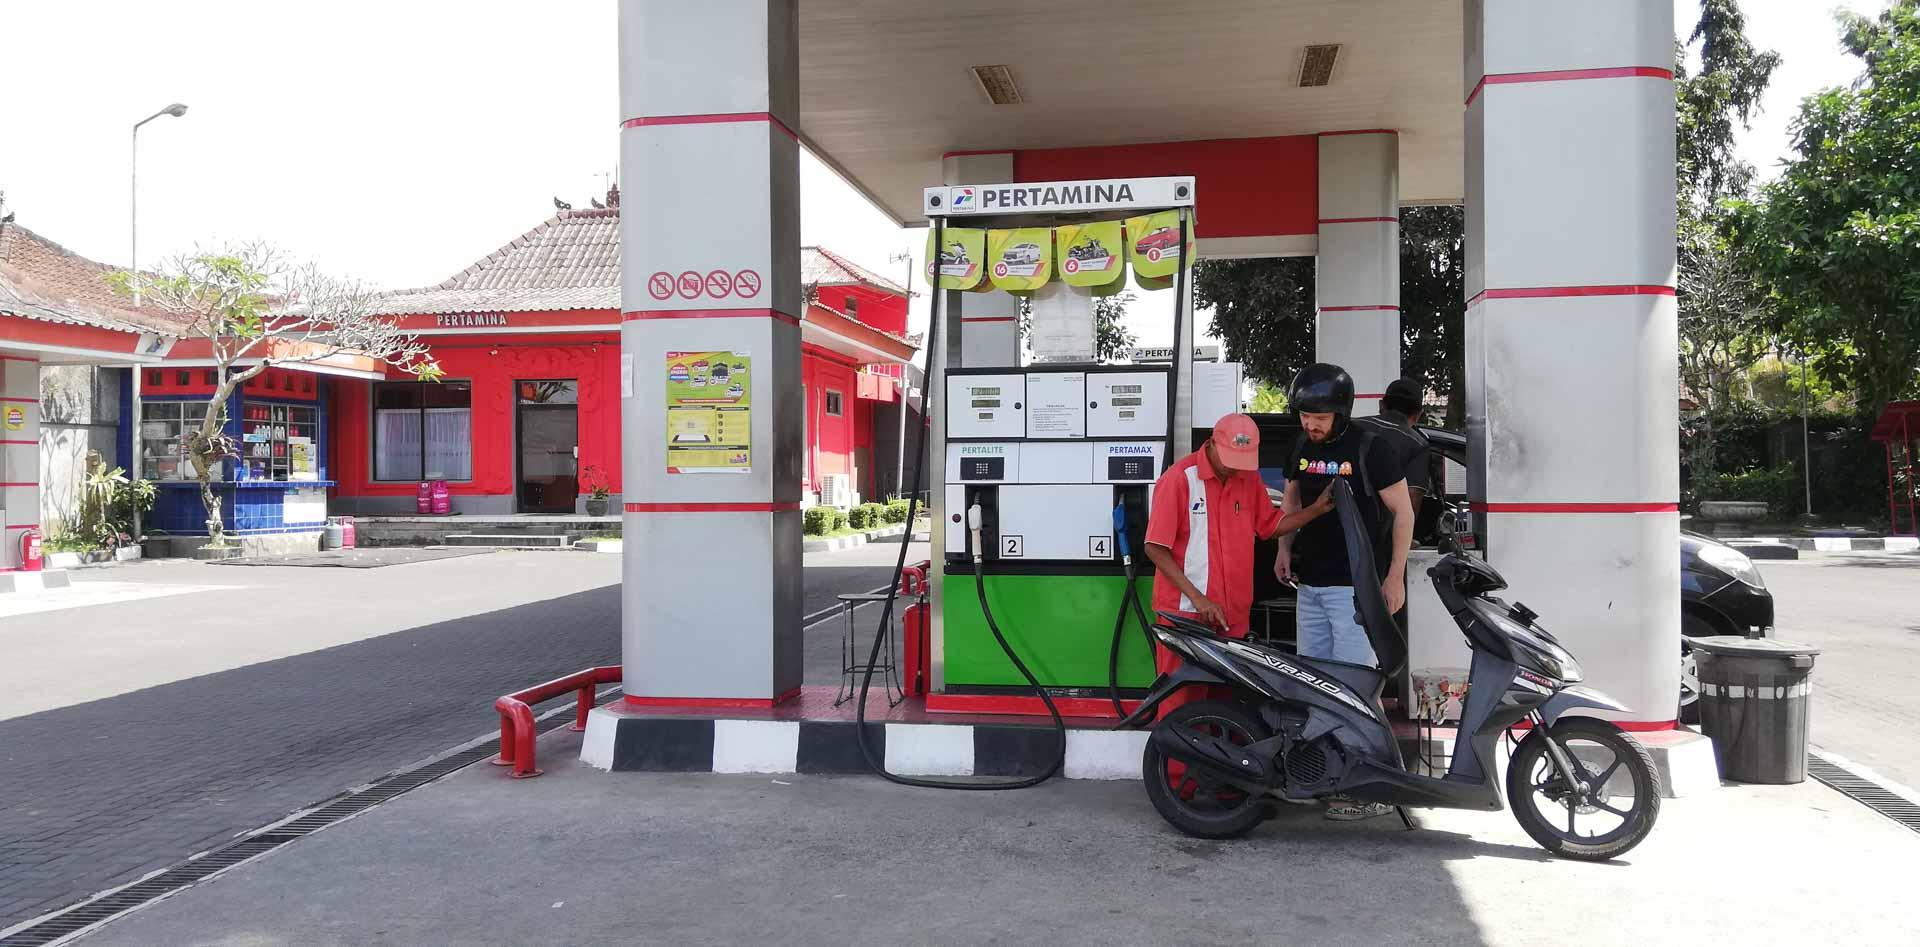 Gasolinera en Bali, Indonesia